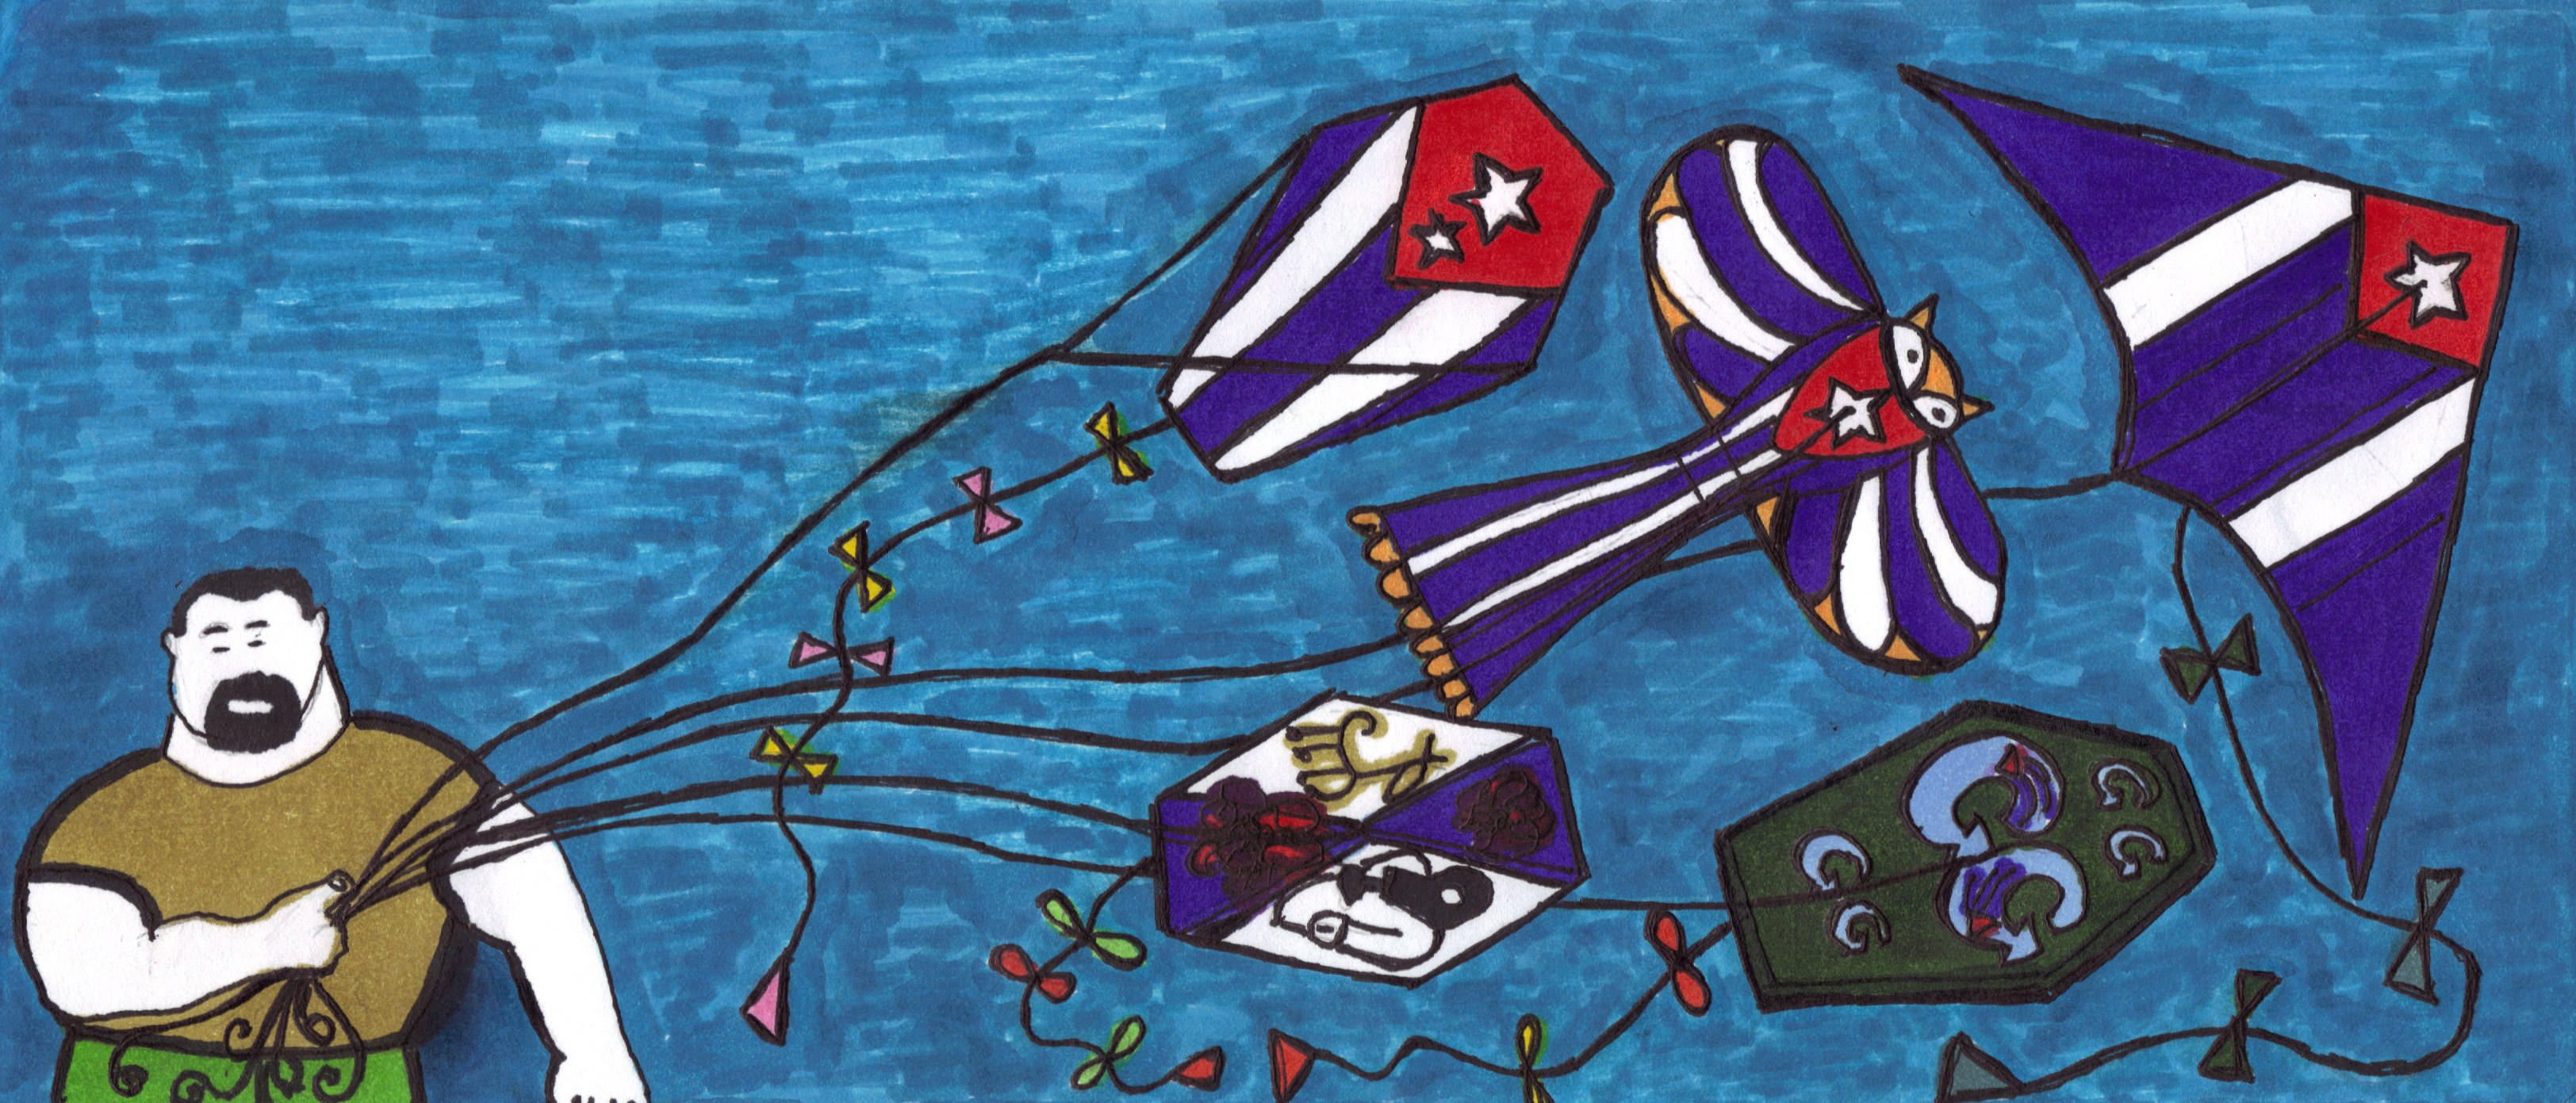 Cabecera del Blog Papalotes con Banderas de Josán Caballero.